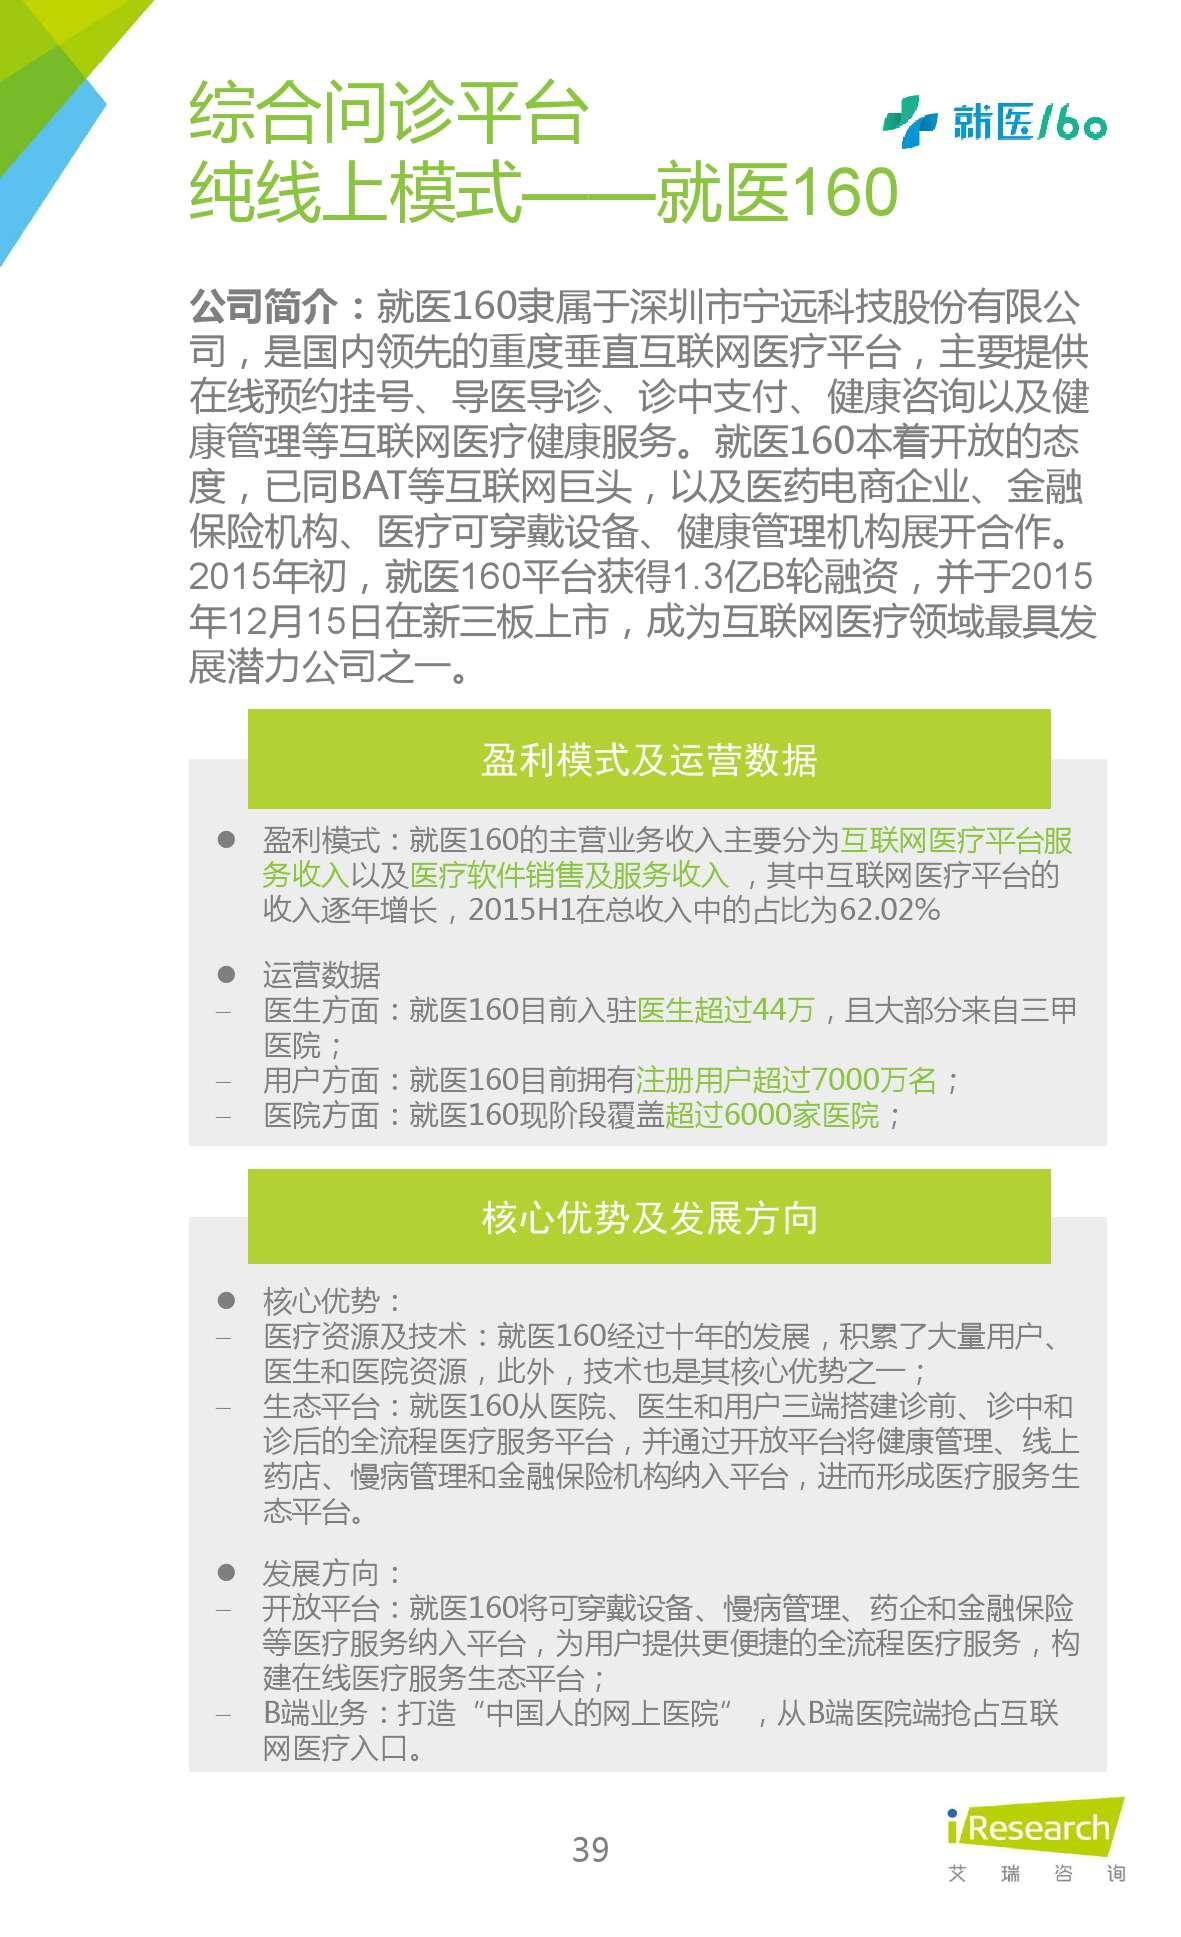 2015年中国在线问诊行业研究报告_000039